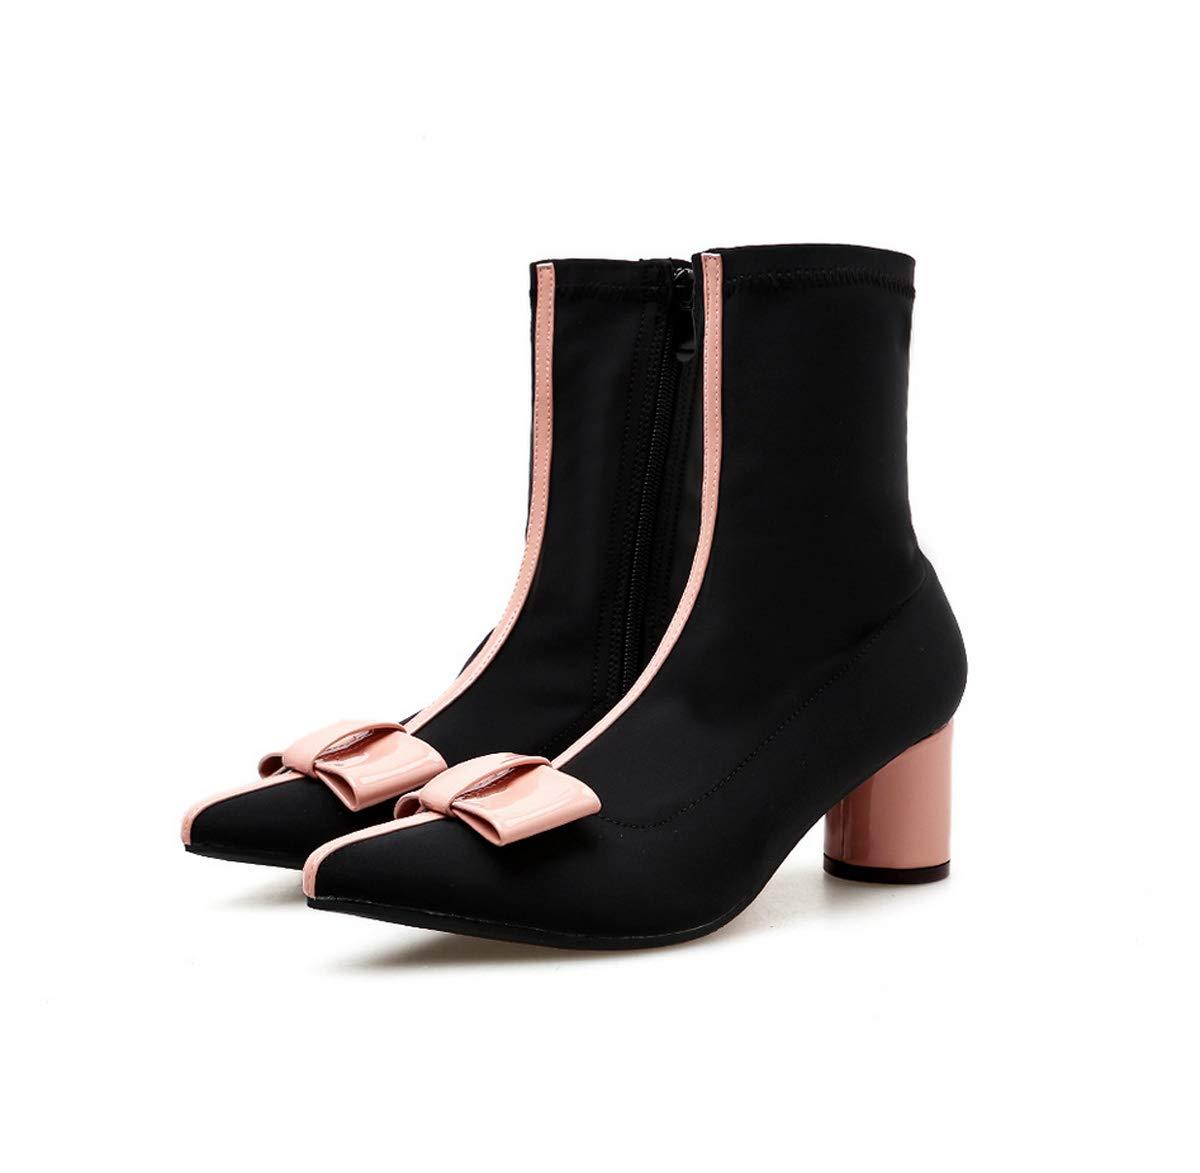 DANDANJIE Lässige Stiefelette für Damen Spitze Spitze seitlicher Reißverschluss-Bogen-Knot-Block-Fersen-Stiefelies früher Frühling Schuhe